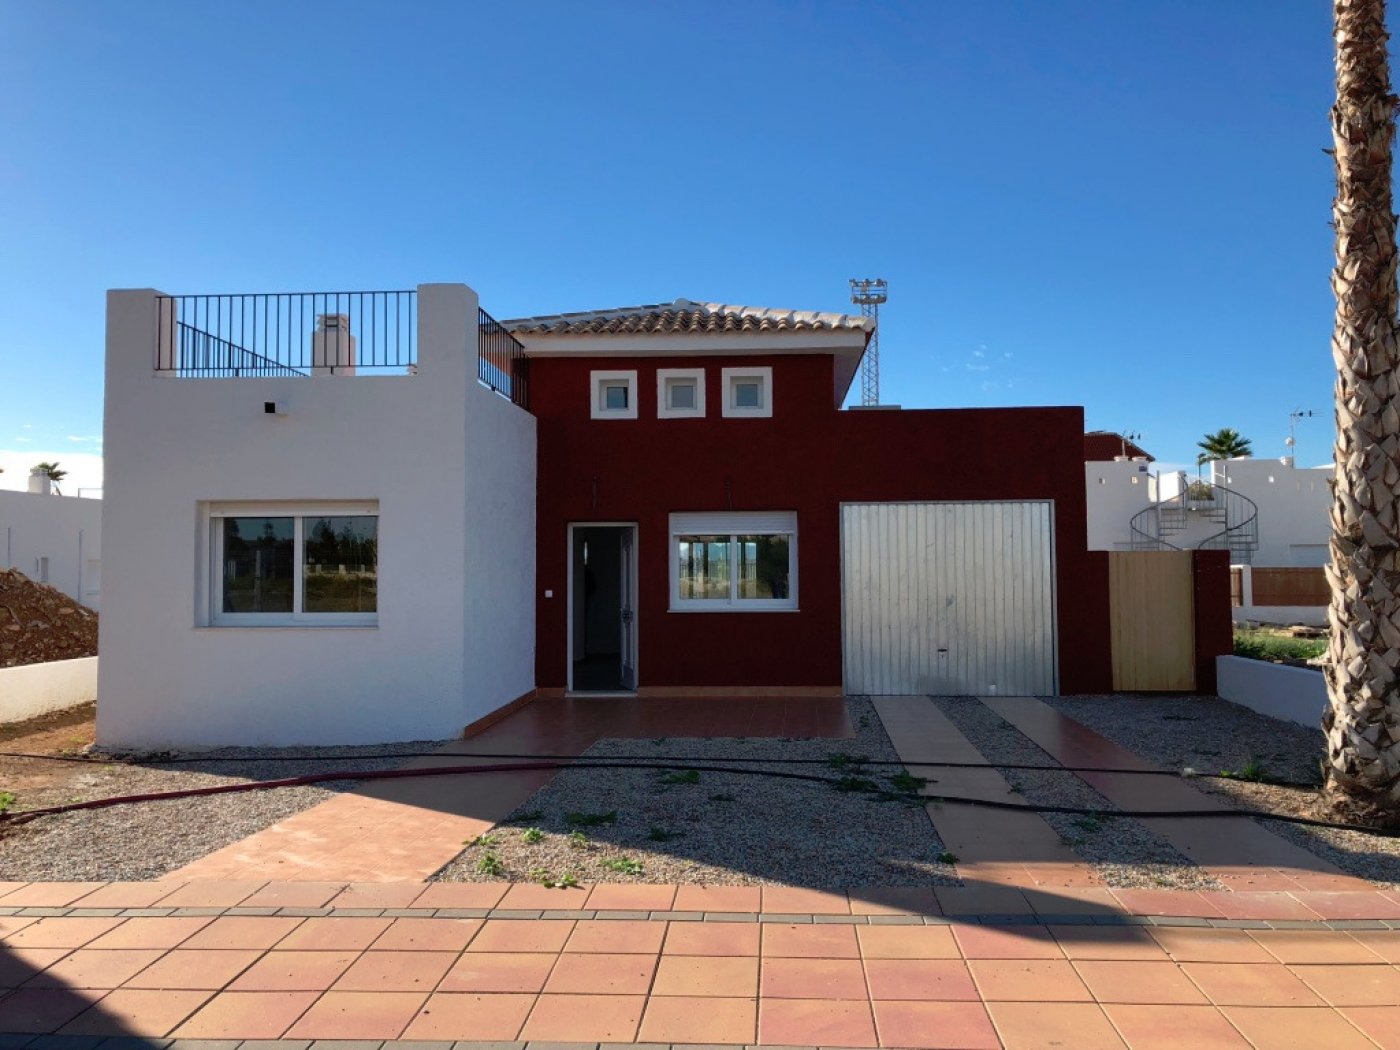 Fristående hus i Los Alcázares (Los Alcázares)